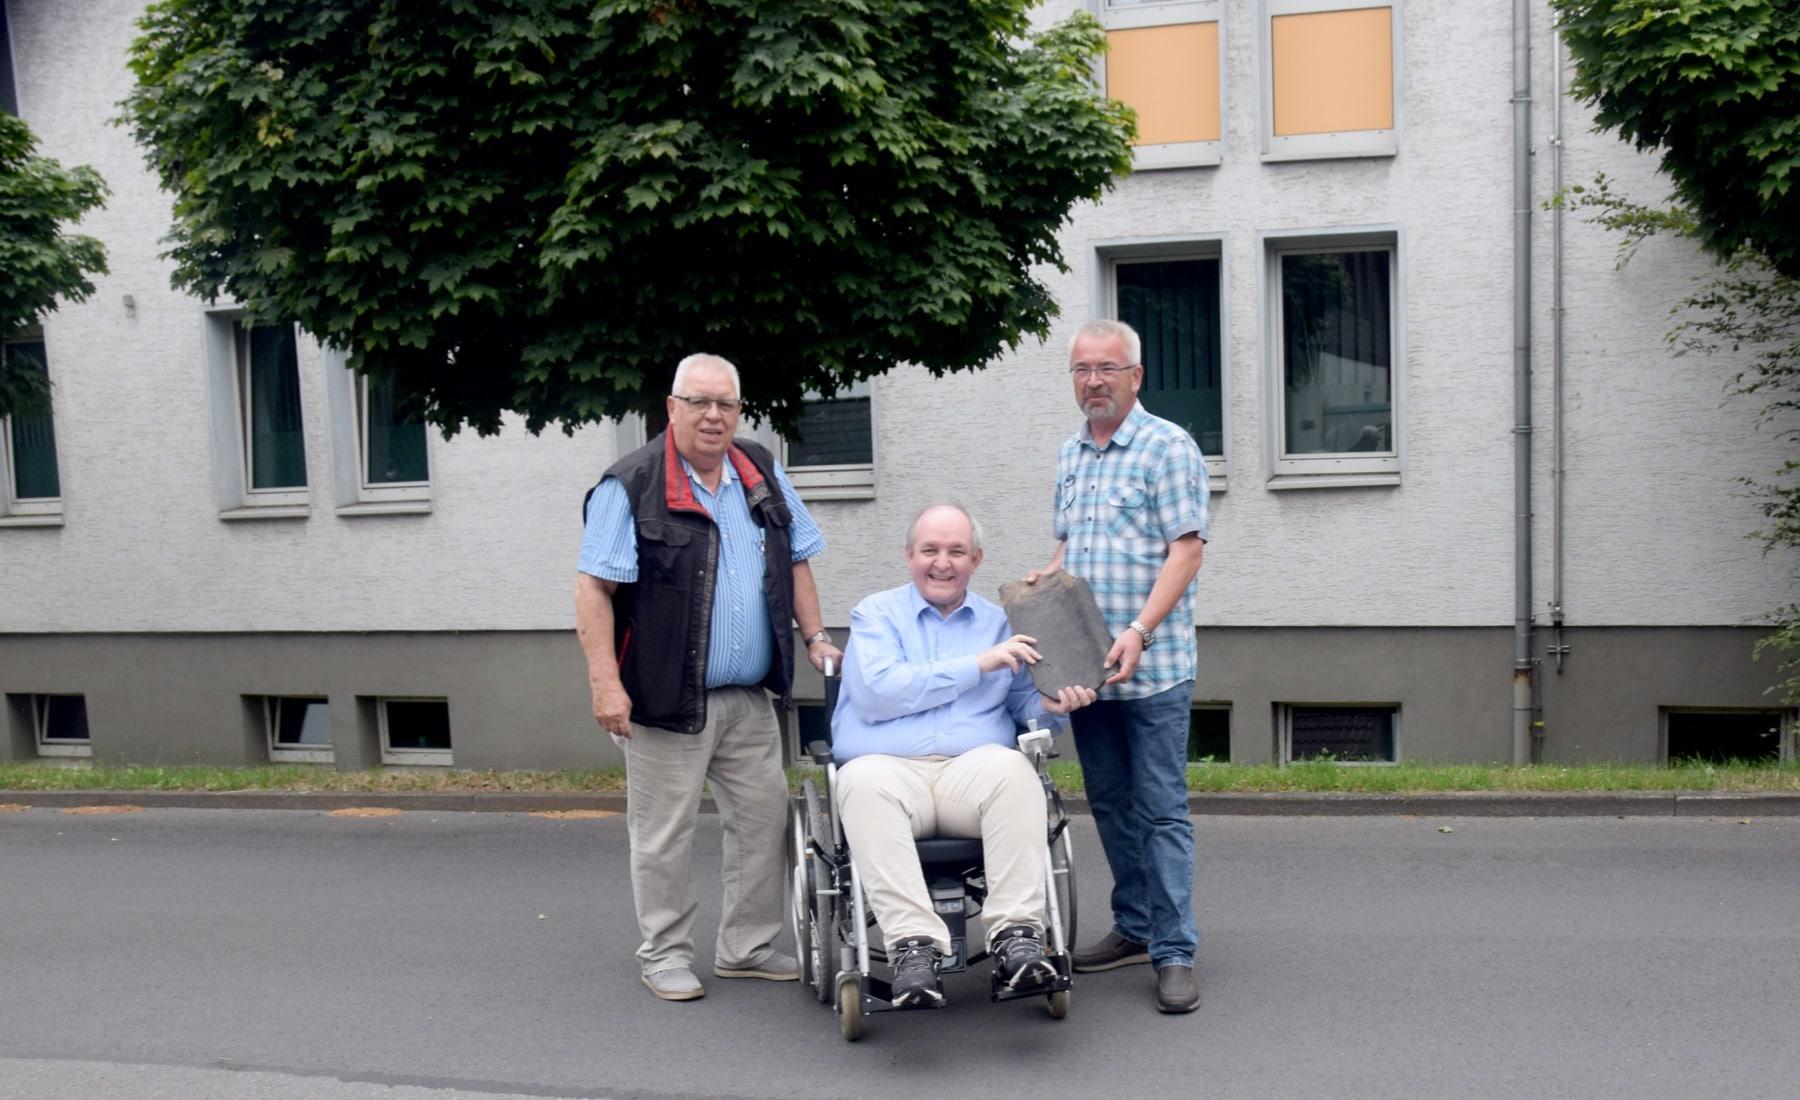 Dirk Falkenrich (r.) übergibt die Dachpfanne an Dr. Günter Spranke (M.) und Dieter Eichmann. (Foto: privat)